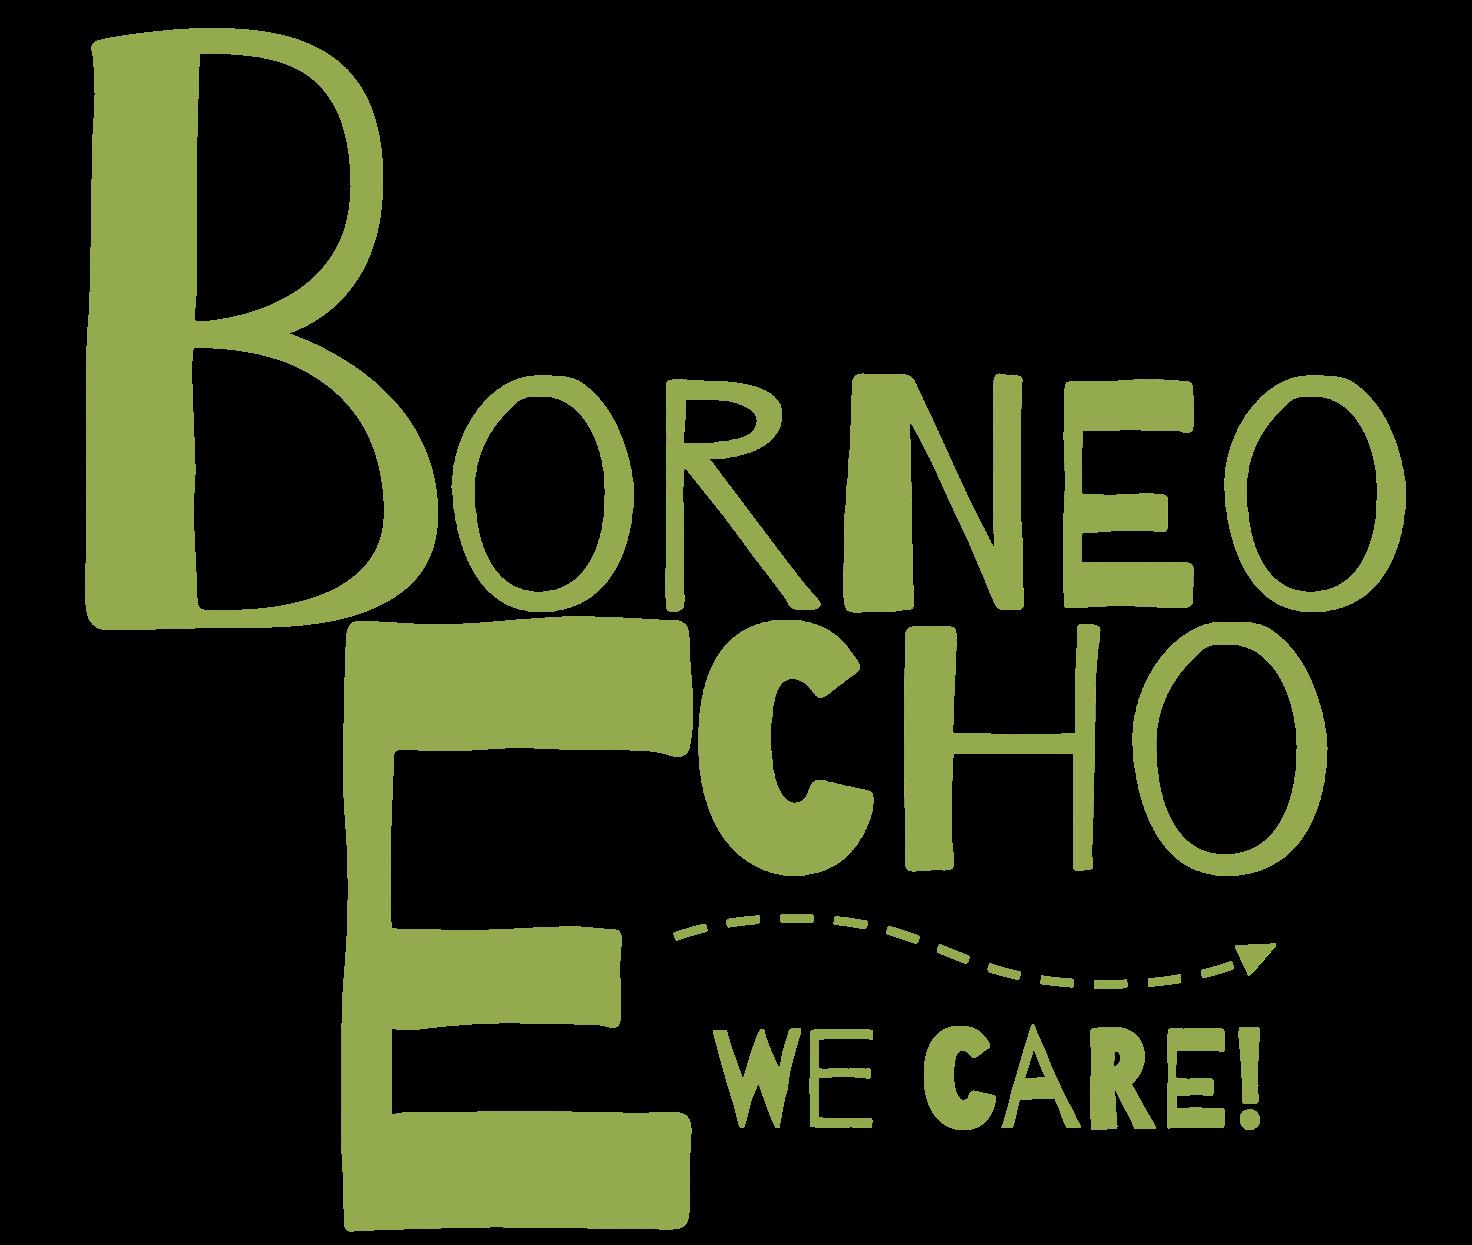 © Borneo Echo